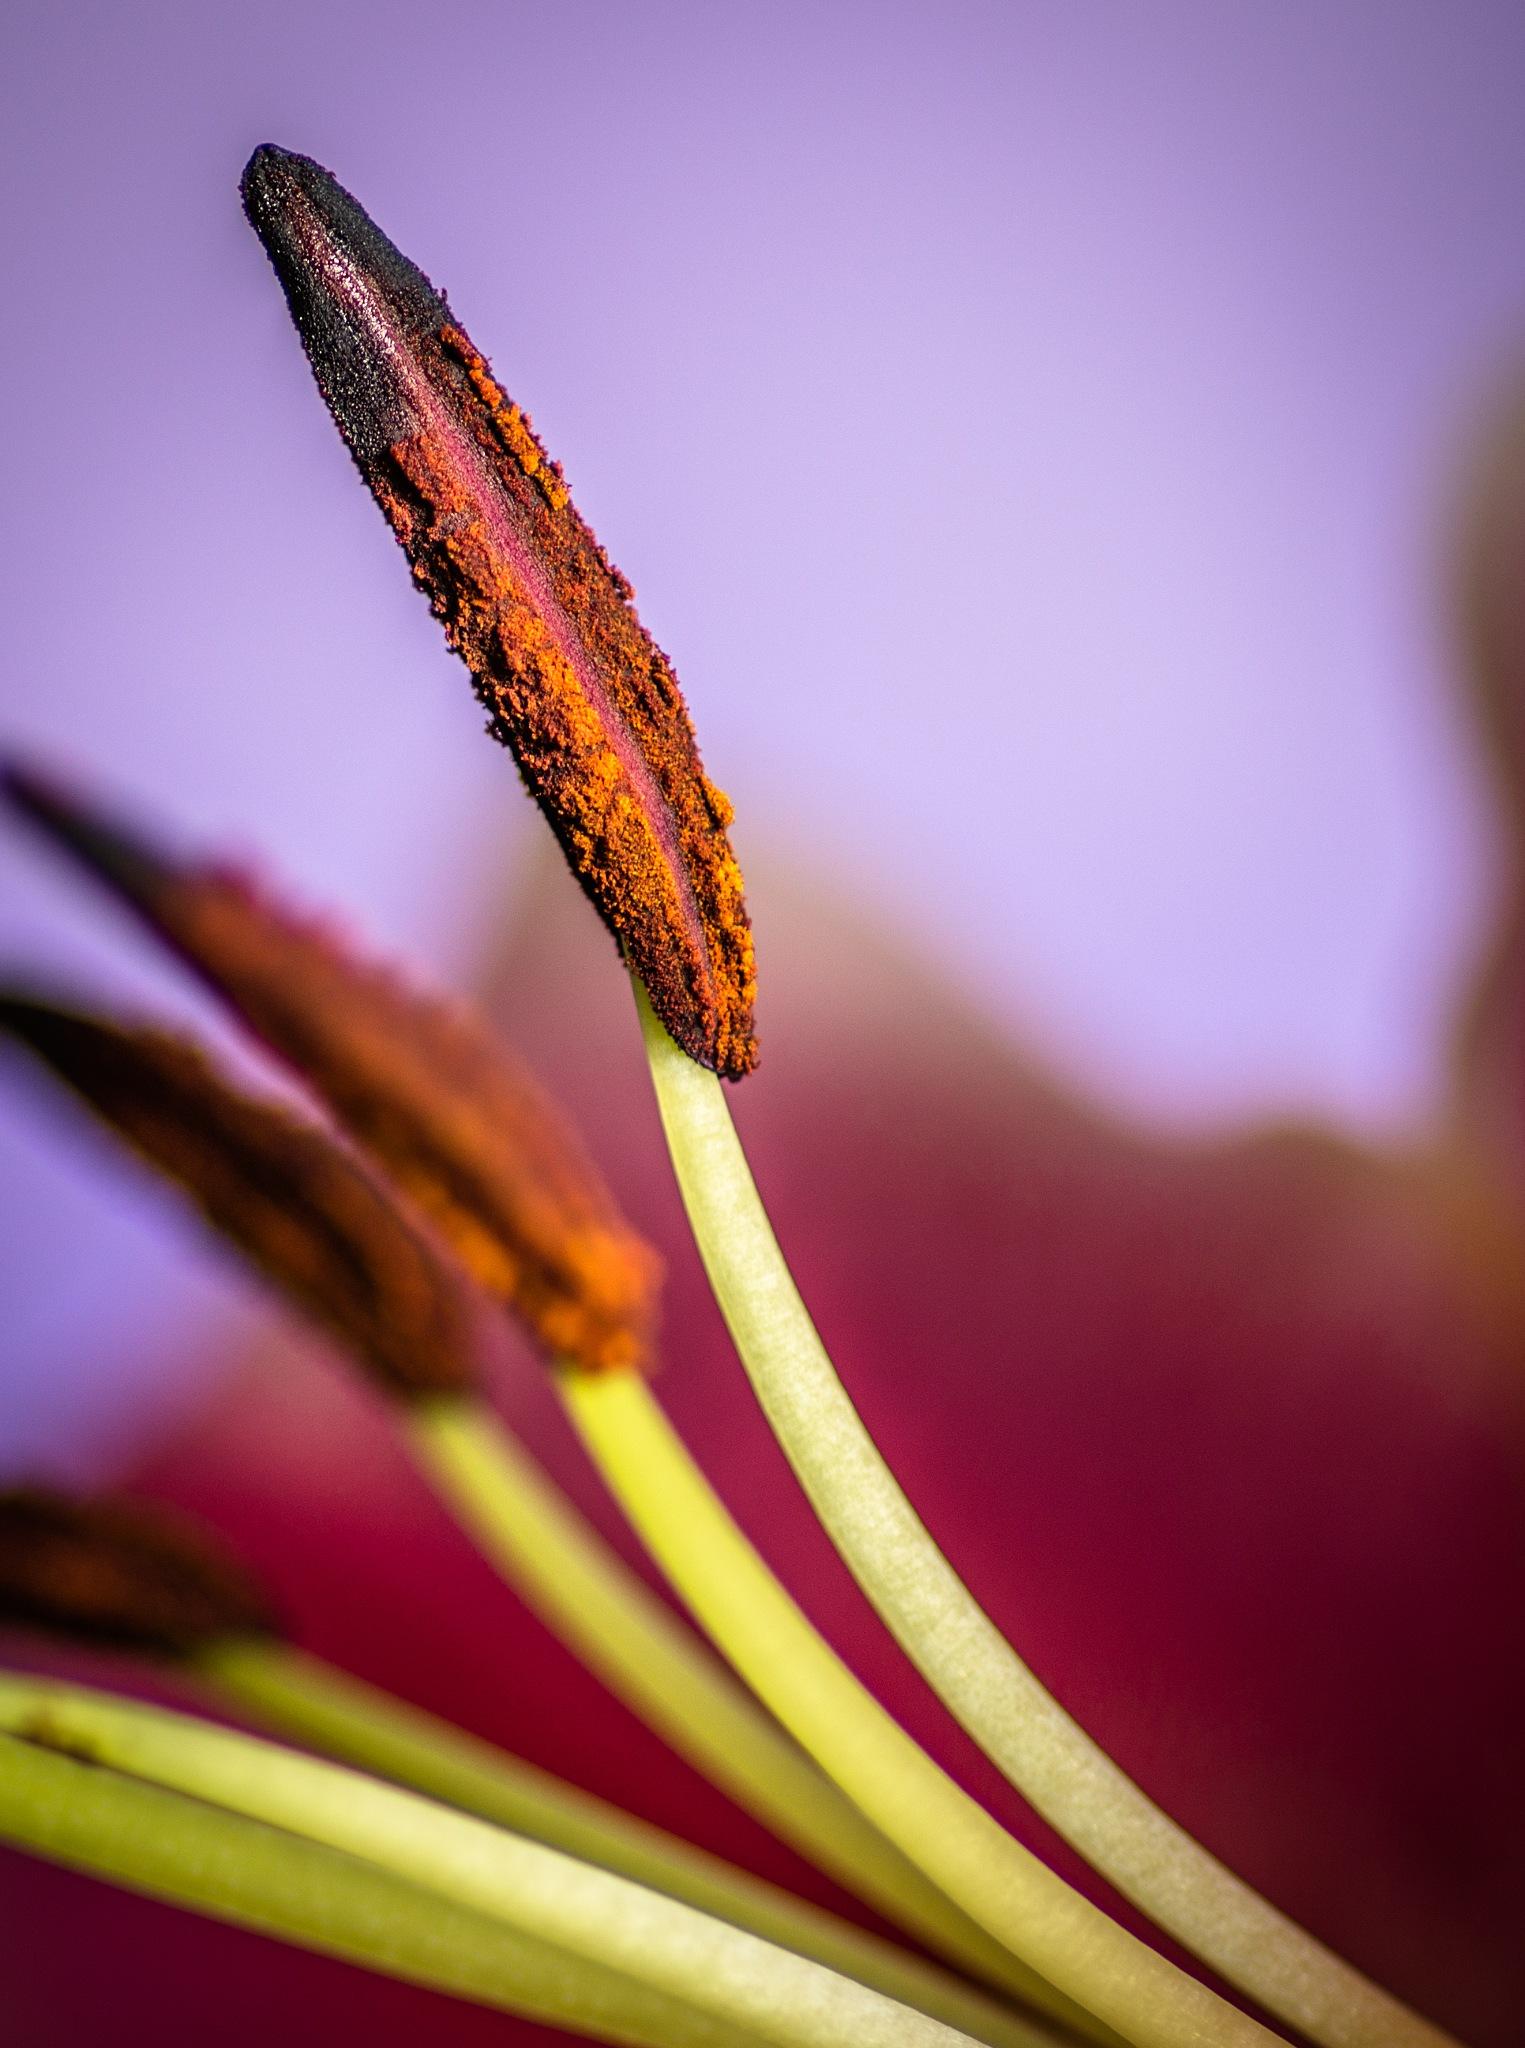 Pollen by joel9498